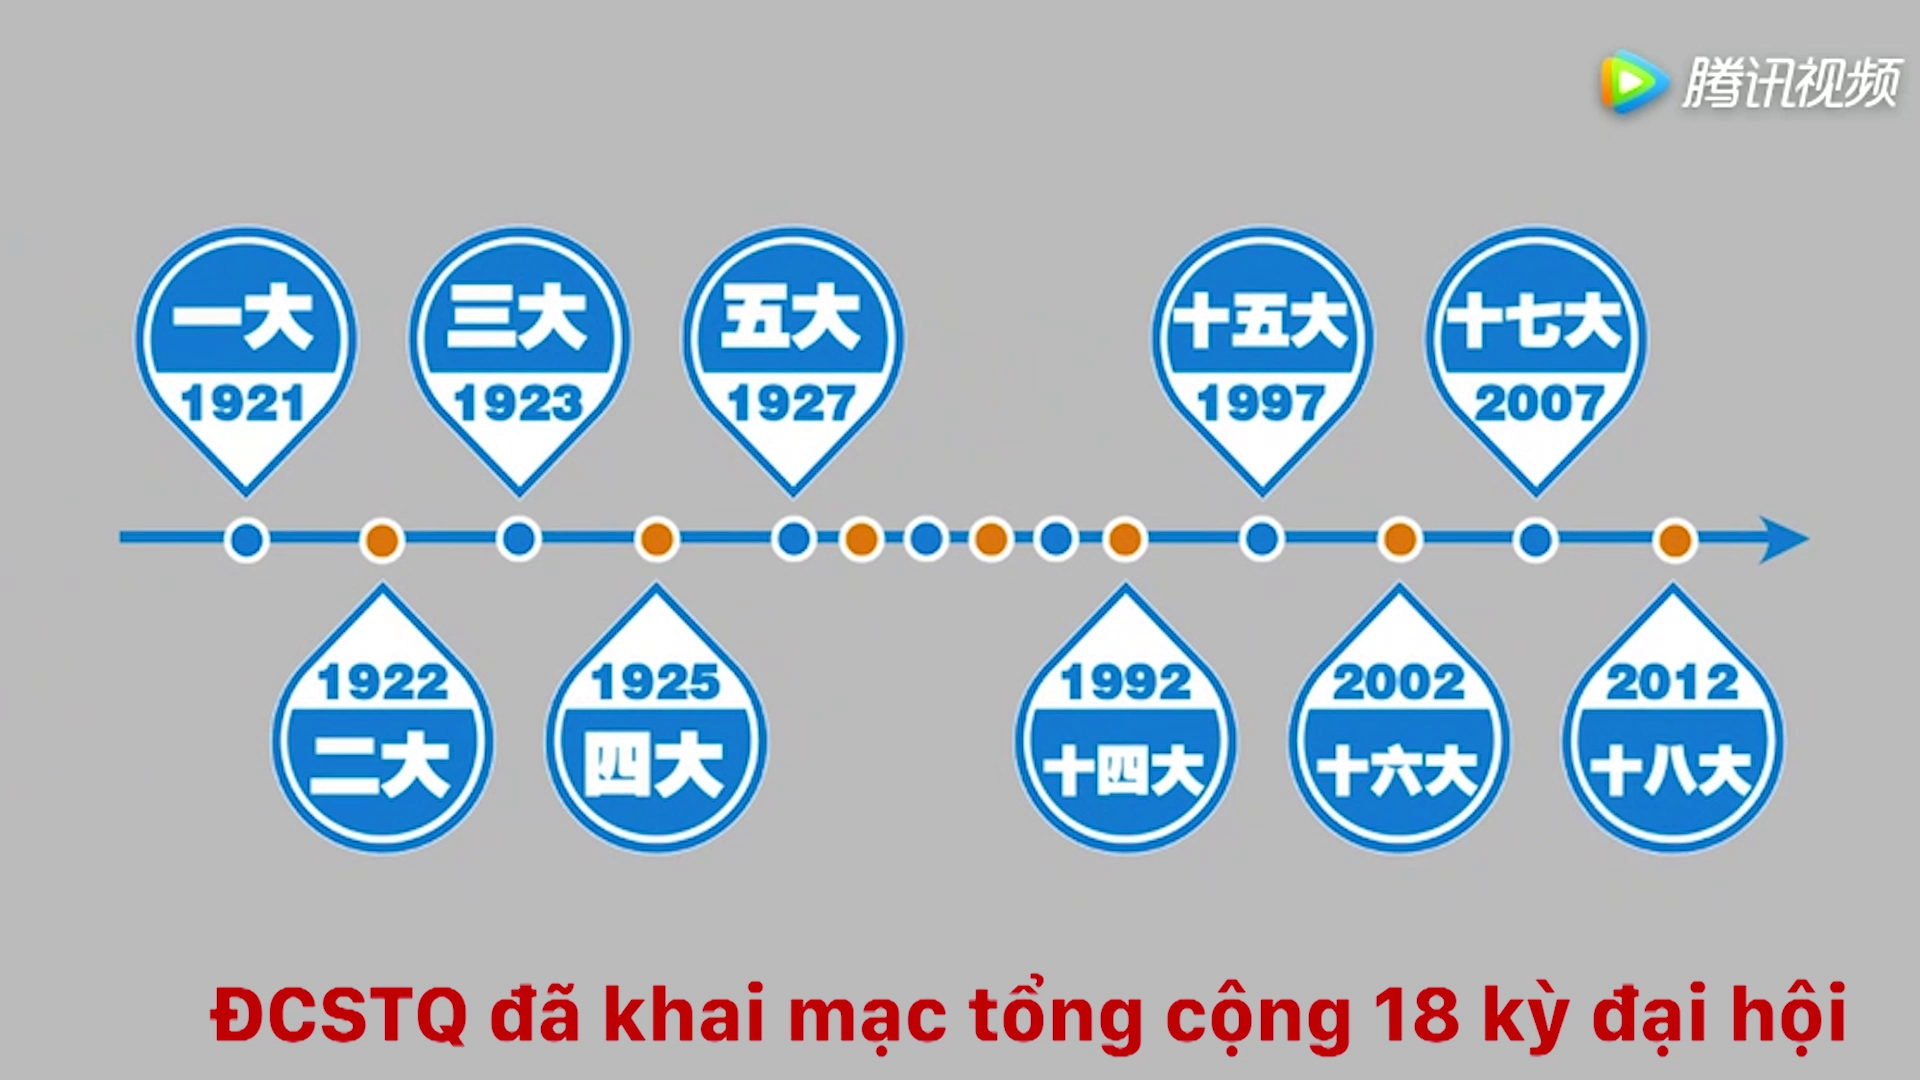 Các đại biểu Trung Quốc tham dự Đại hội ĐCSTQ được lựa chọn như thế nào?